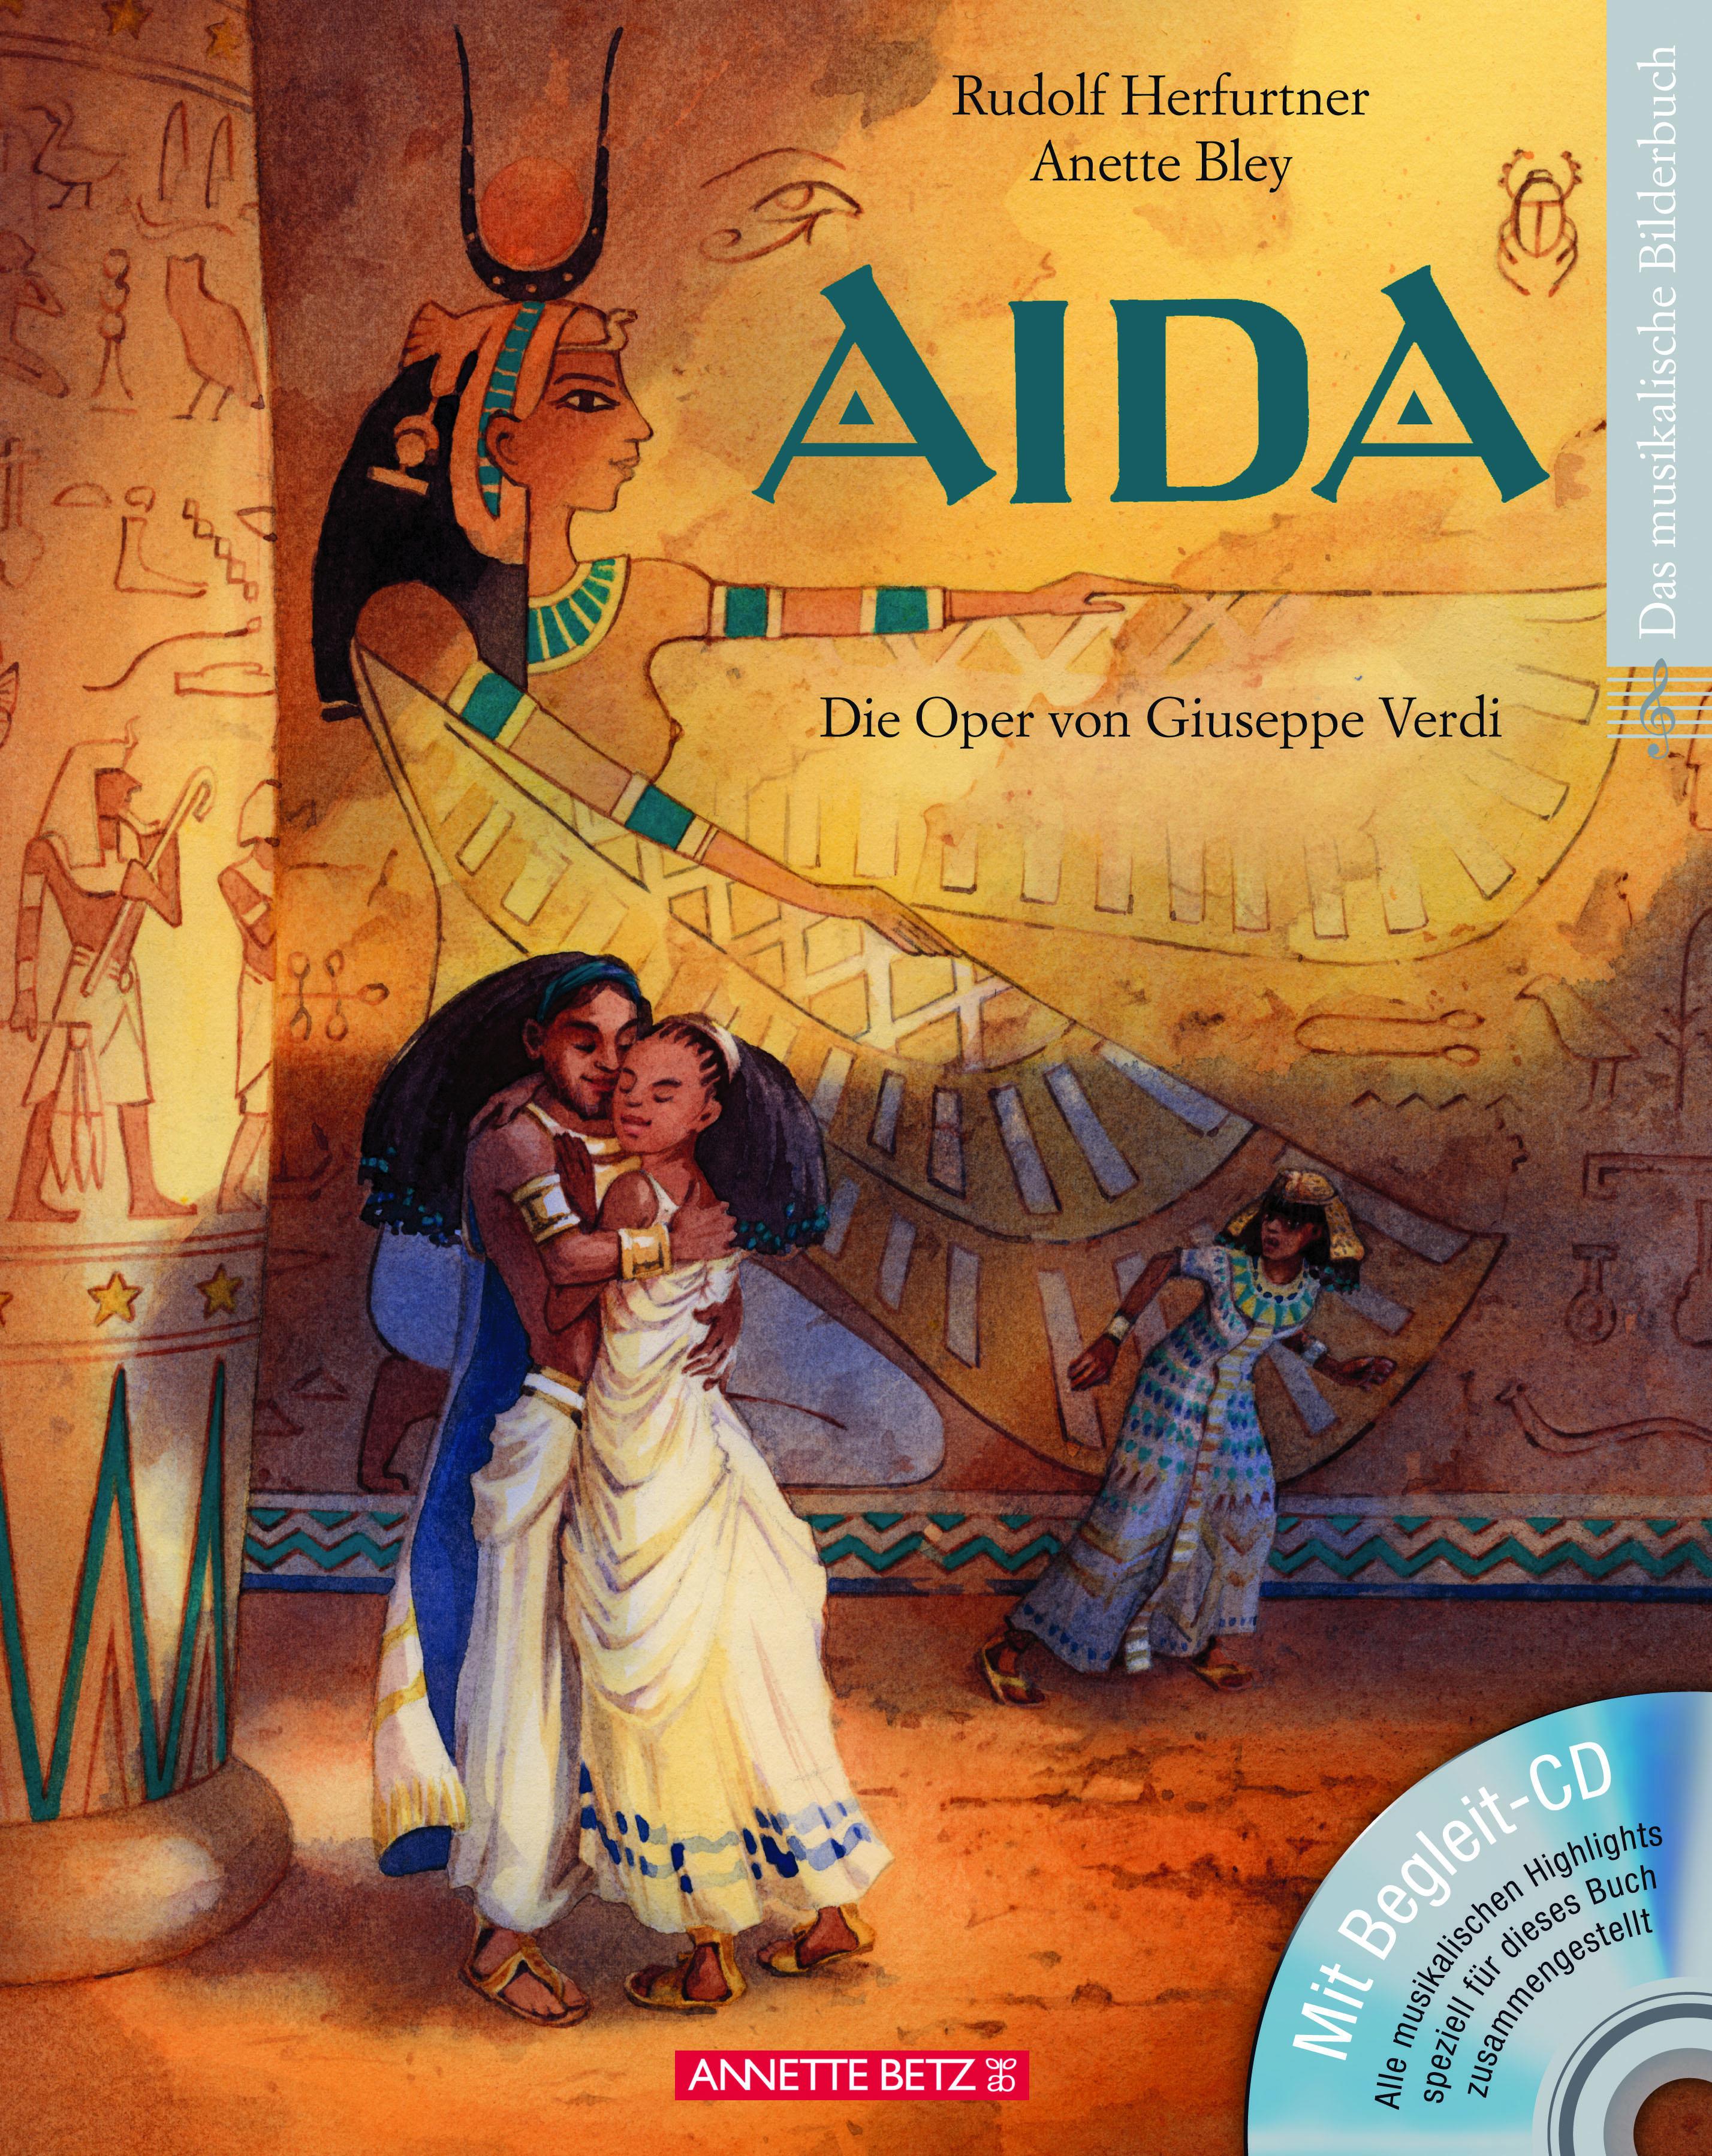 Aida - Buch & CD